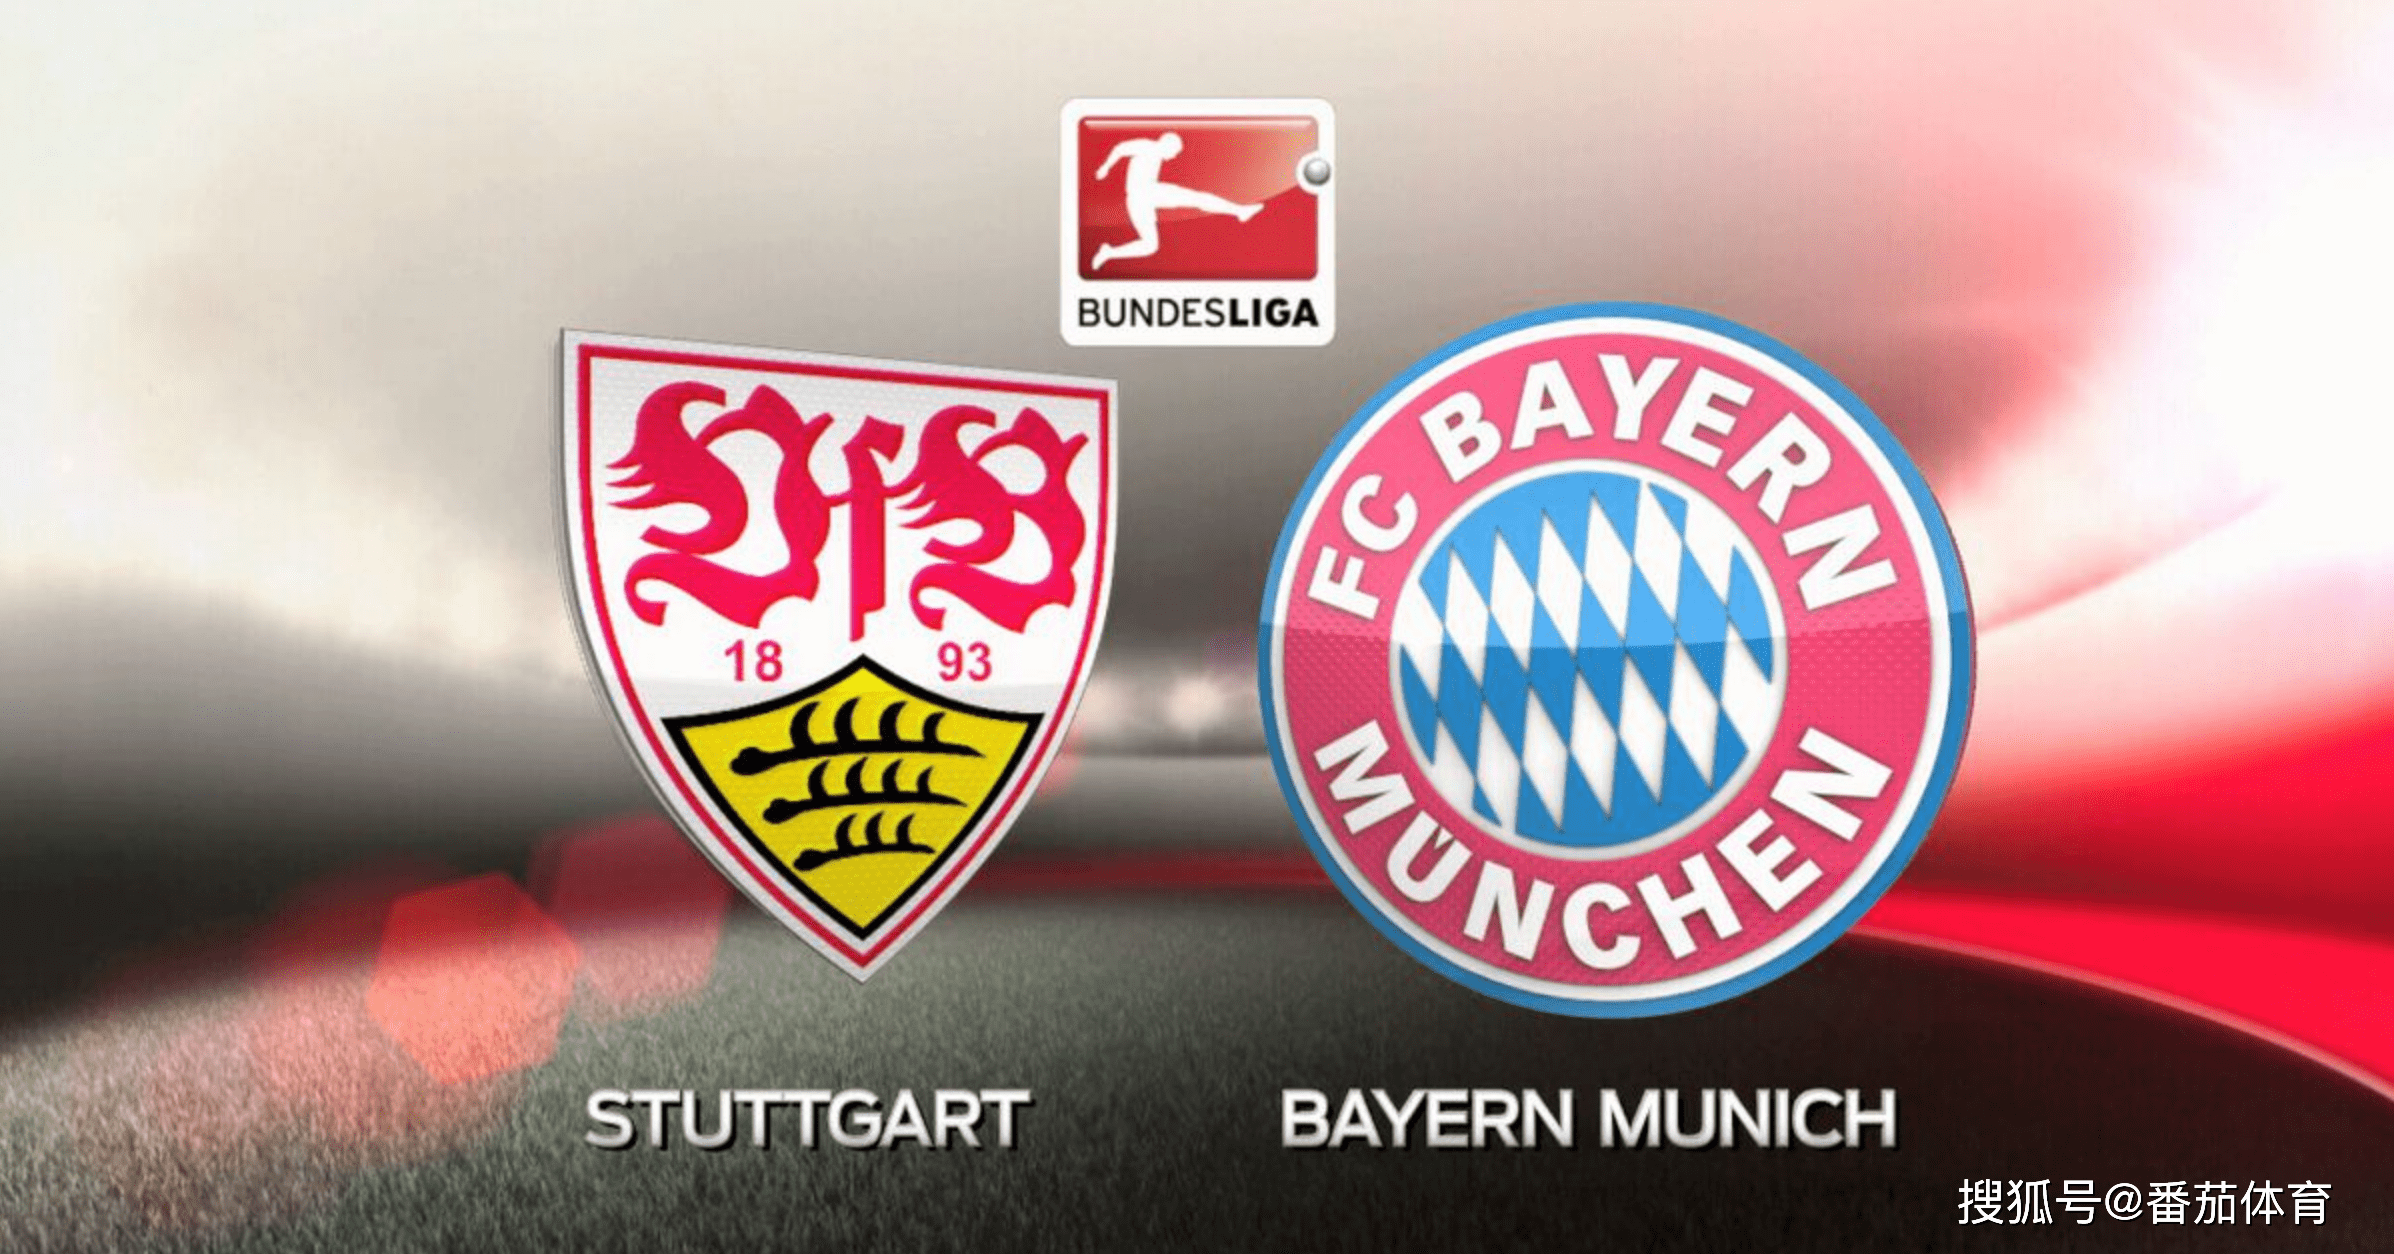 「德甲」斯图加特vs拜仁慕尼黑轻取3分坚持榜首